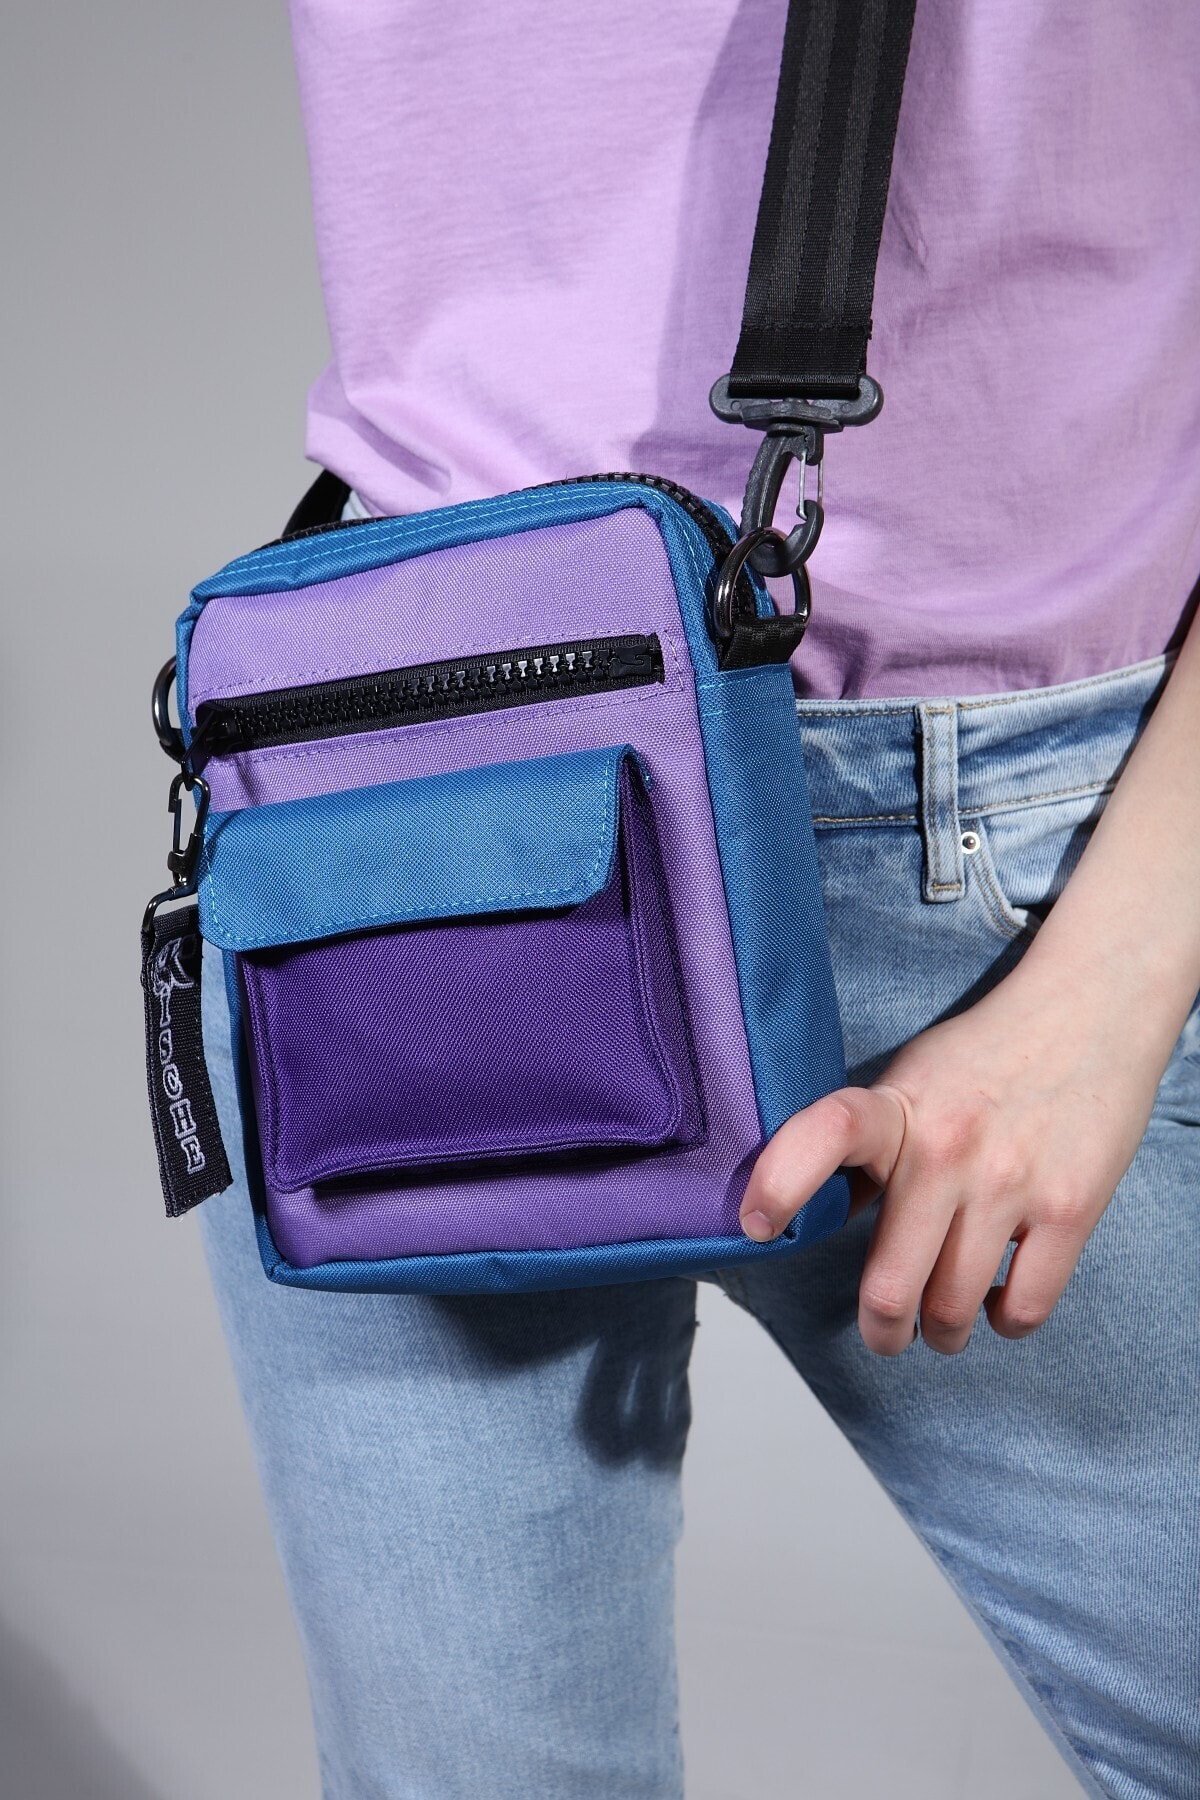 KISCHE 3 Renk Spor Askılı Omuz Çantası Mavi-lila-mor 1